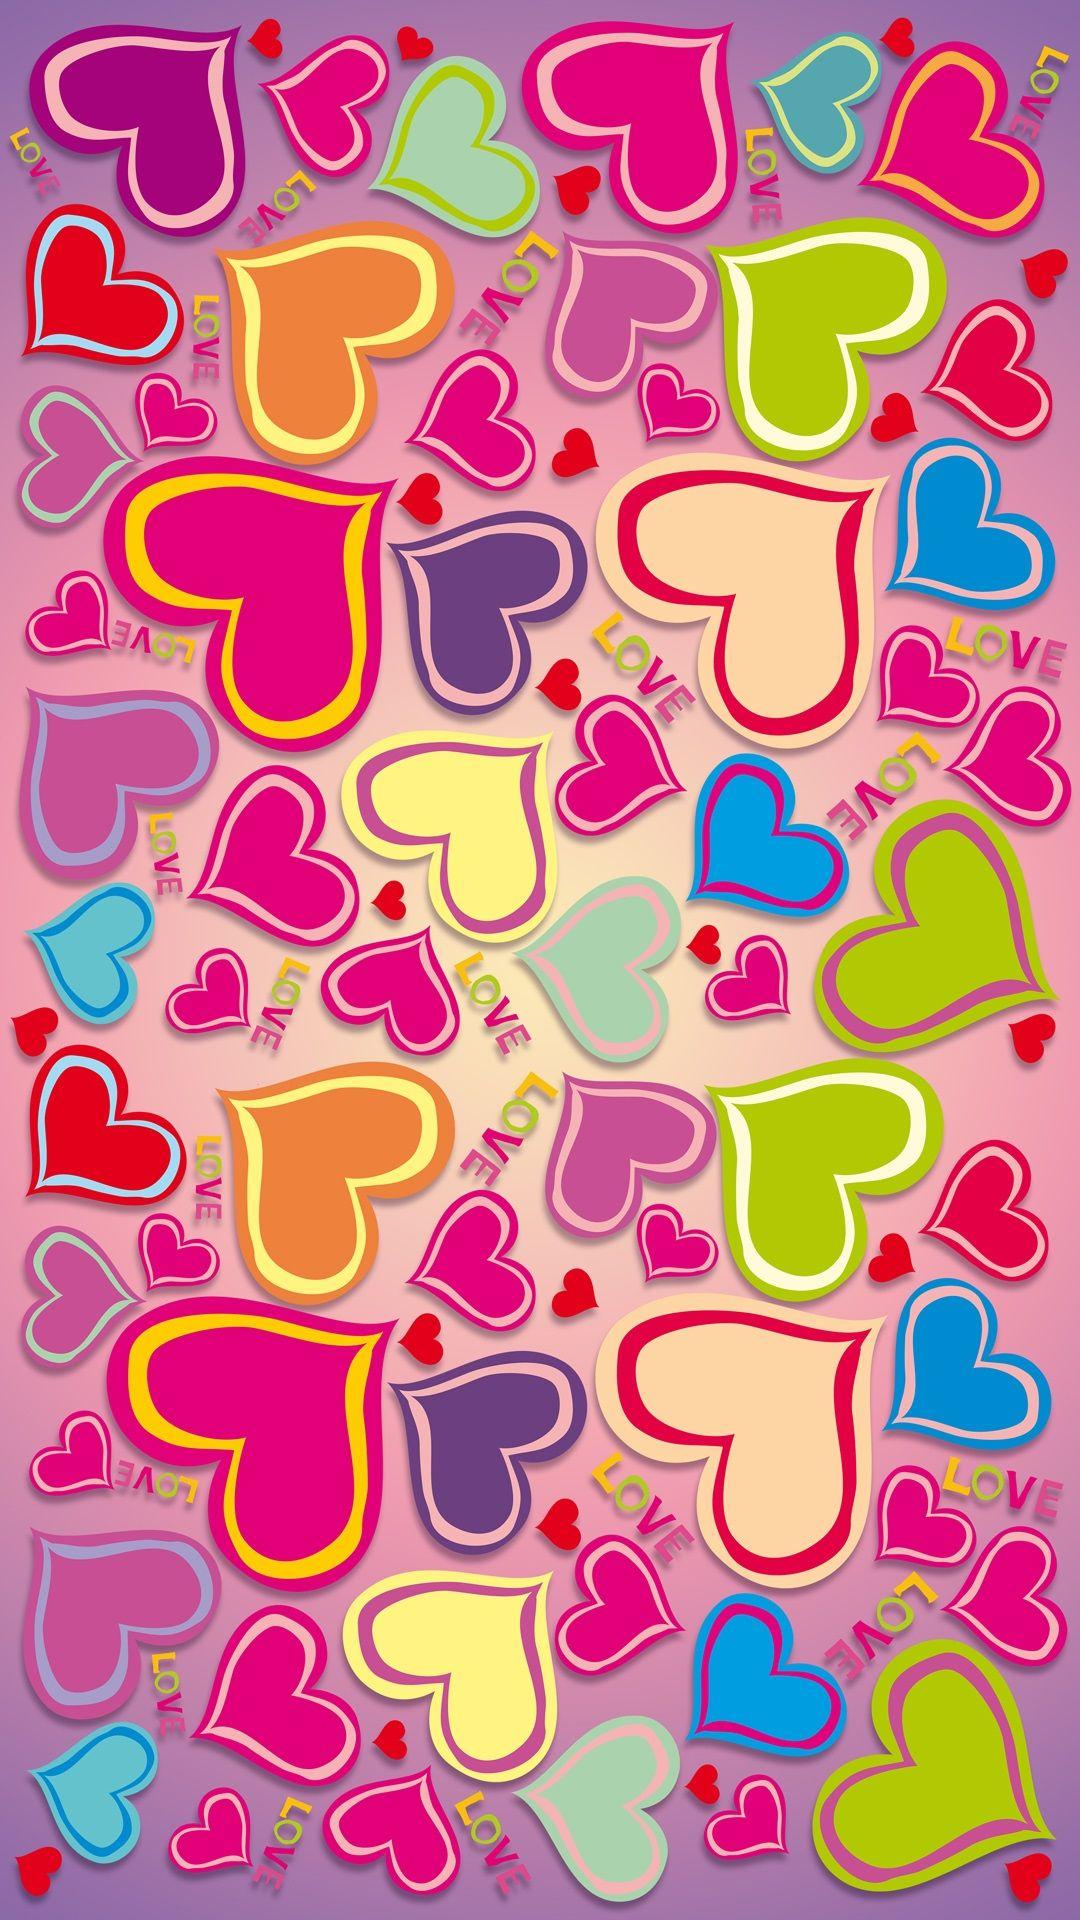 Colorido, arco íris, corações do amor iPhone 6 (6S) mais wallpaper - 1080x1920